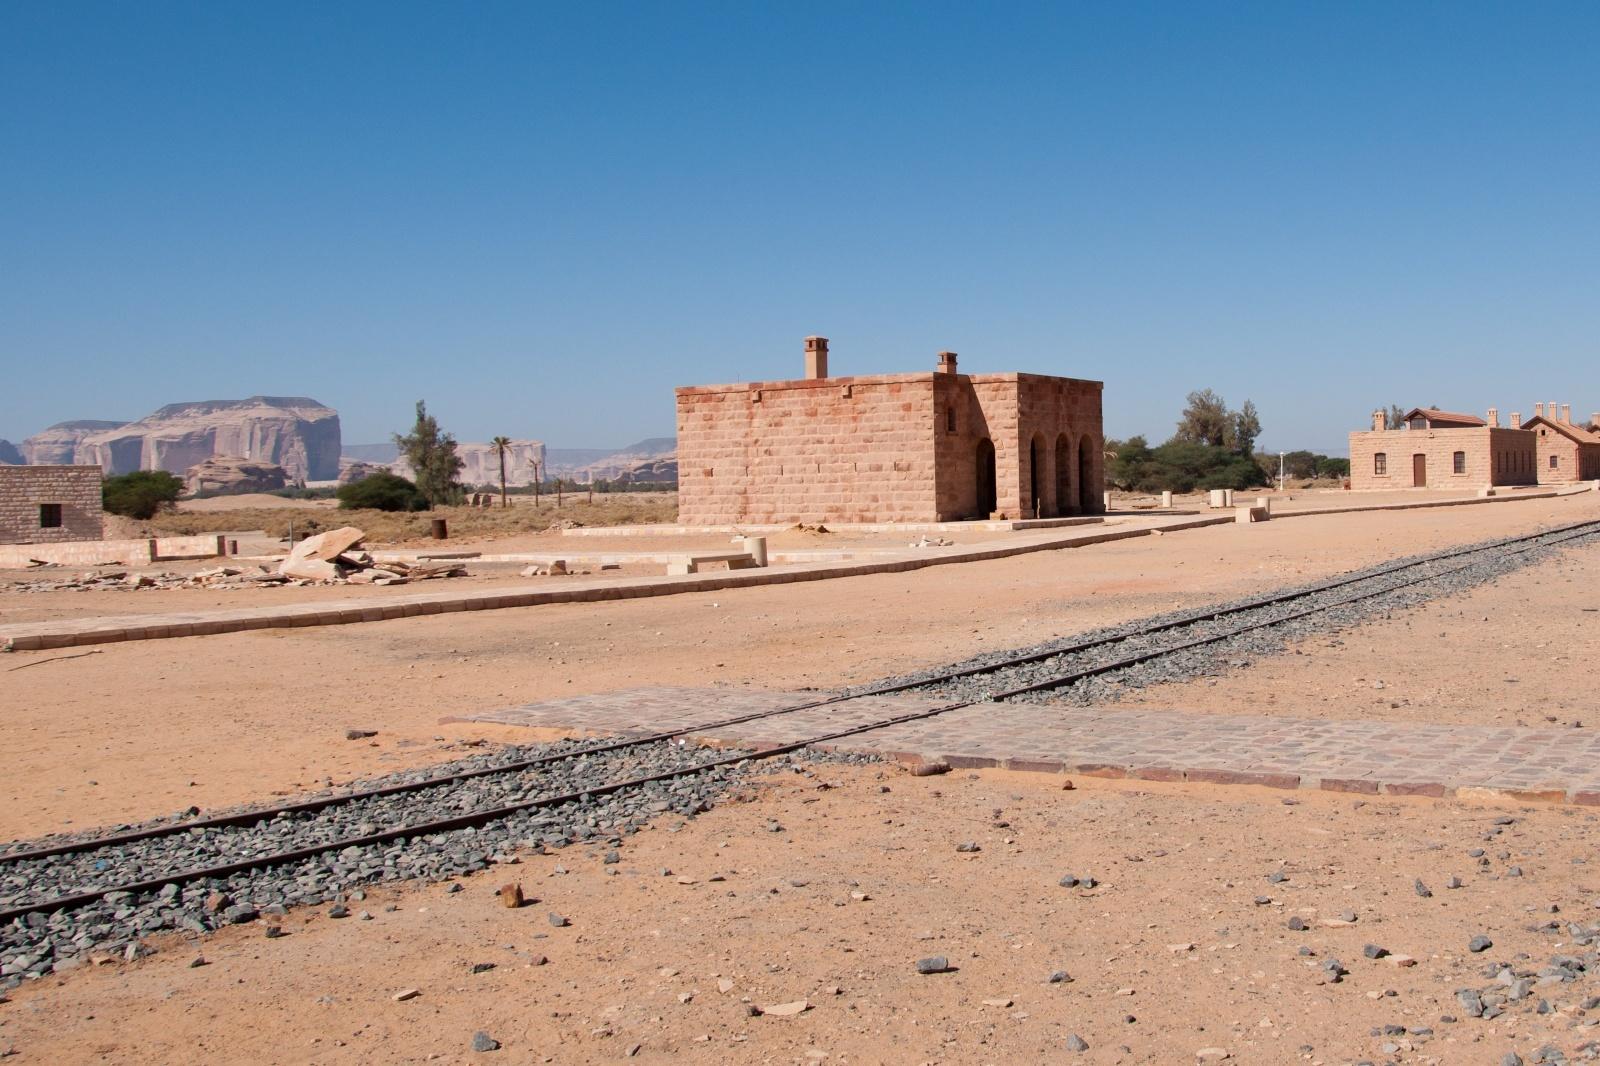 ダマスカスとサウジアラビアを結んだヒジャーズ鉄道の跡 中東の鉄道風景